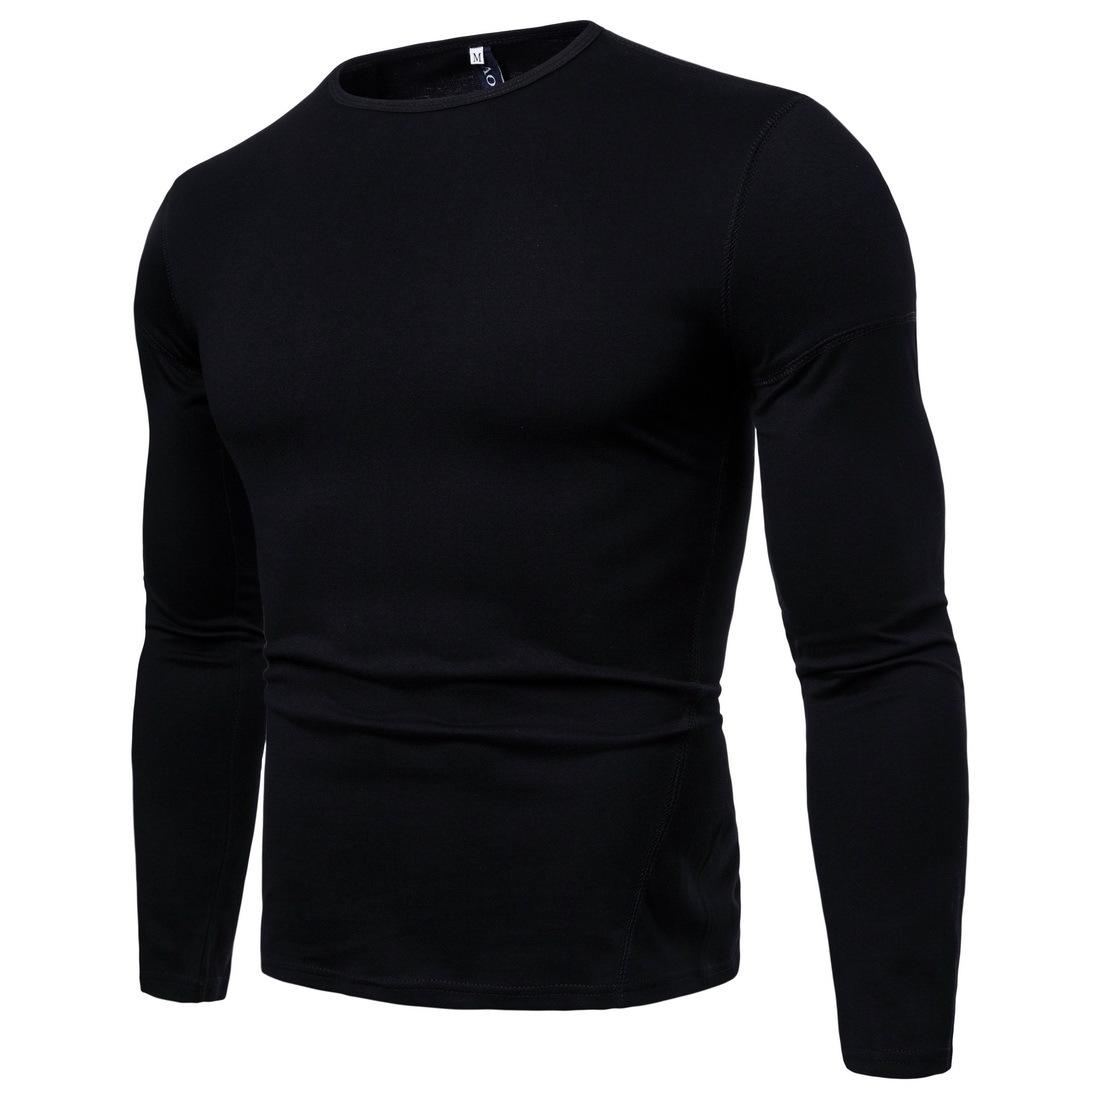 Acheter Marque T Shirts À Manches Longues Hommes Solide V Cou Plaine Casual  Bas T Shirt Pour Hommes Tops Homme Automne Hiver T Shirts Tops J181122 De   18.48 ... ea61a040d9b